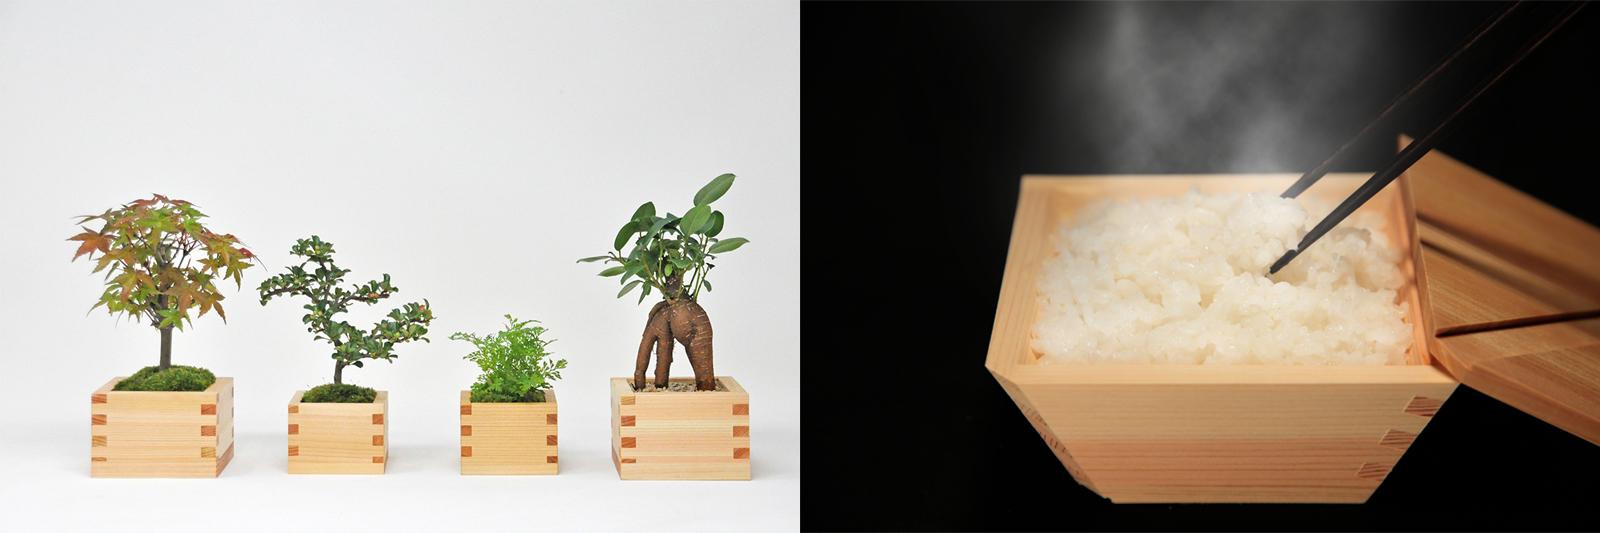 左 鉢植えに仕立てた「マスグリーン」、右 21年10月に一般販売が予定されている「コビツ」